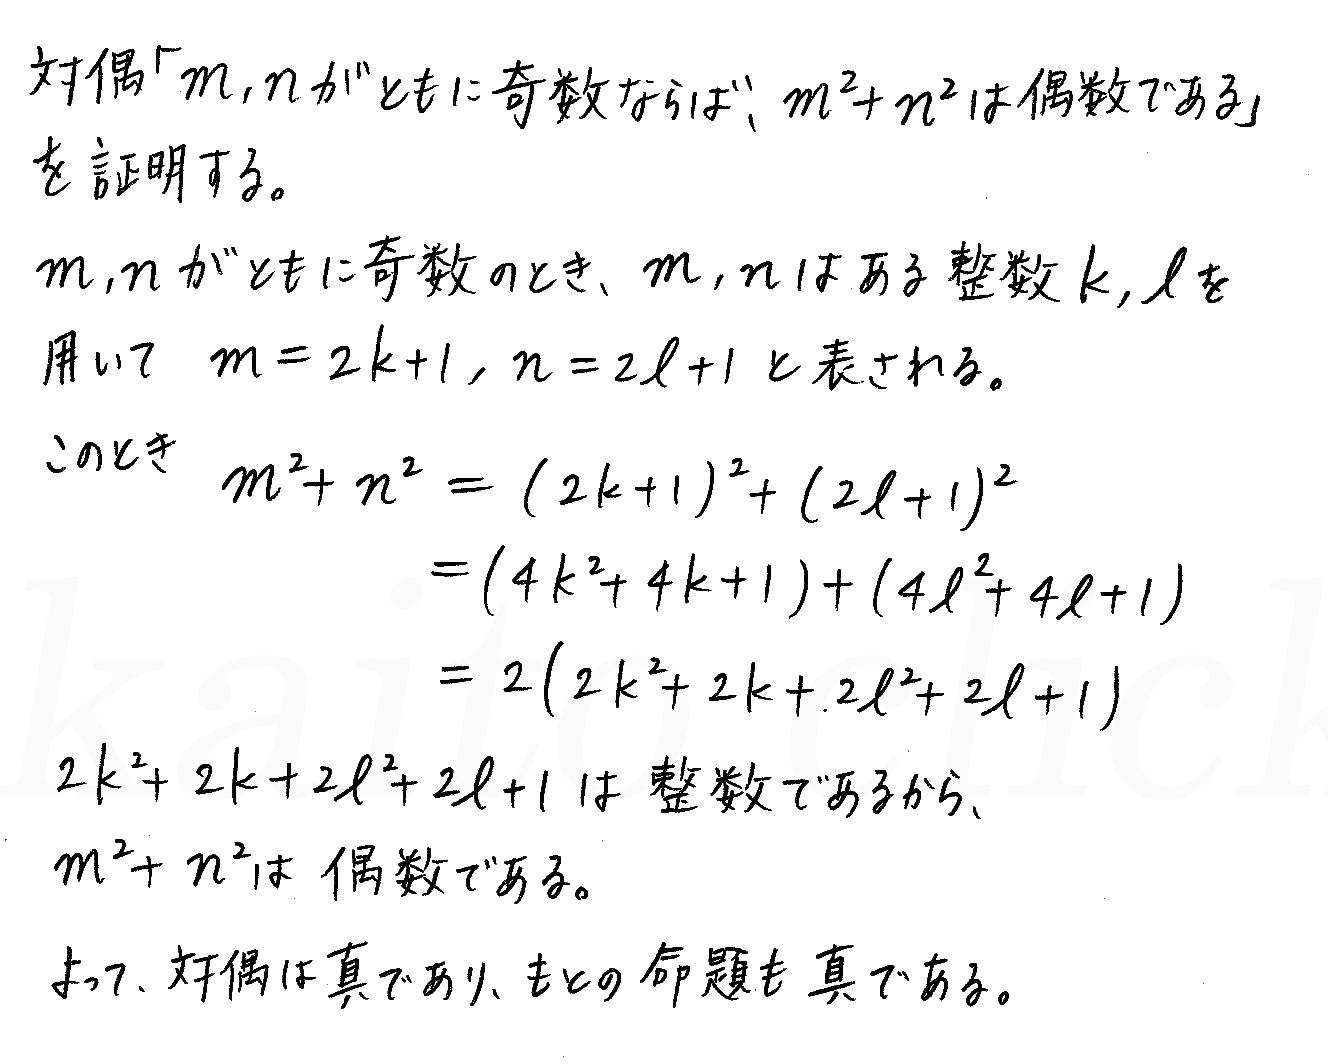 クリアー数学1-136解答